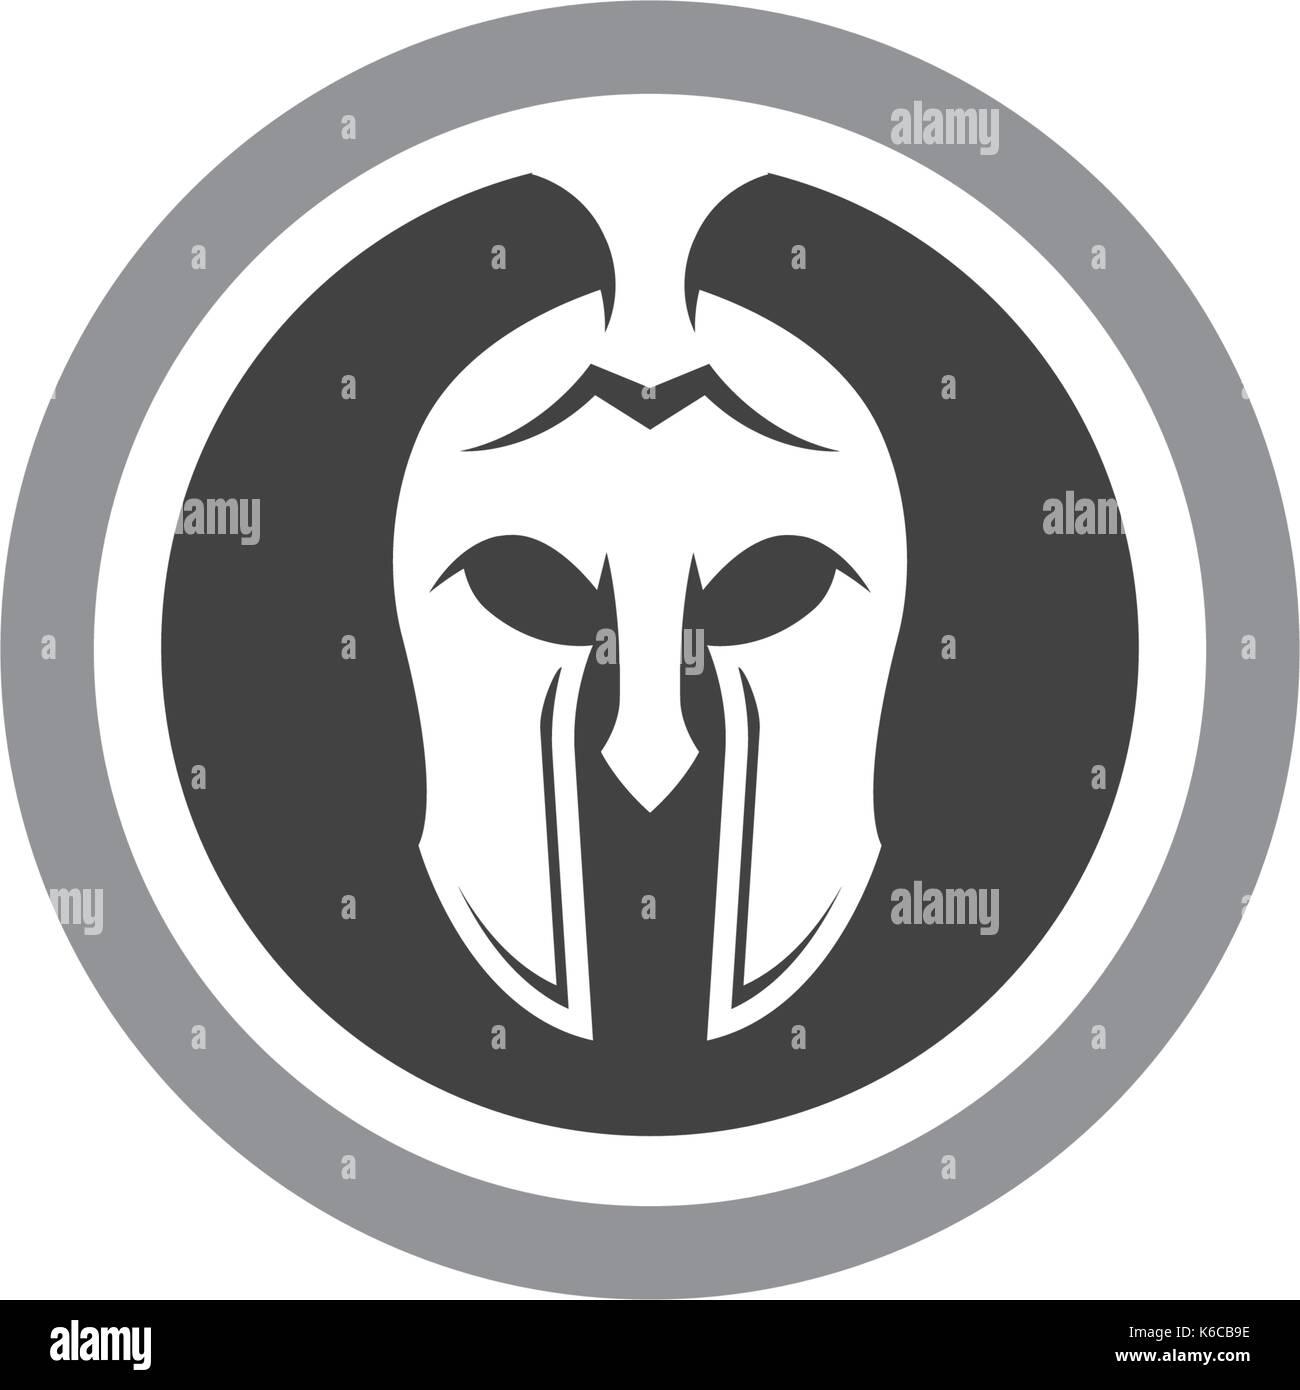 spartan helmet logo template vector icon design stock vector art